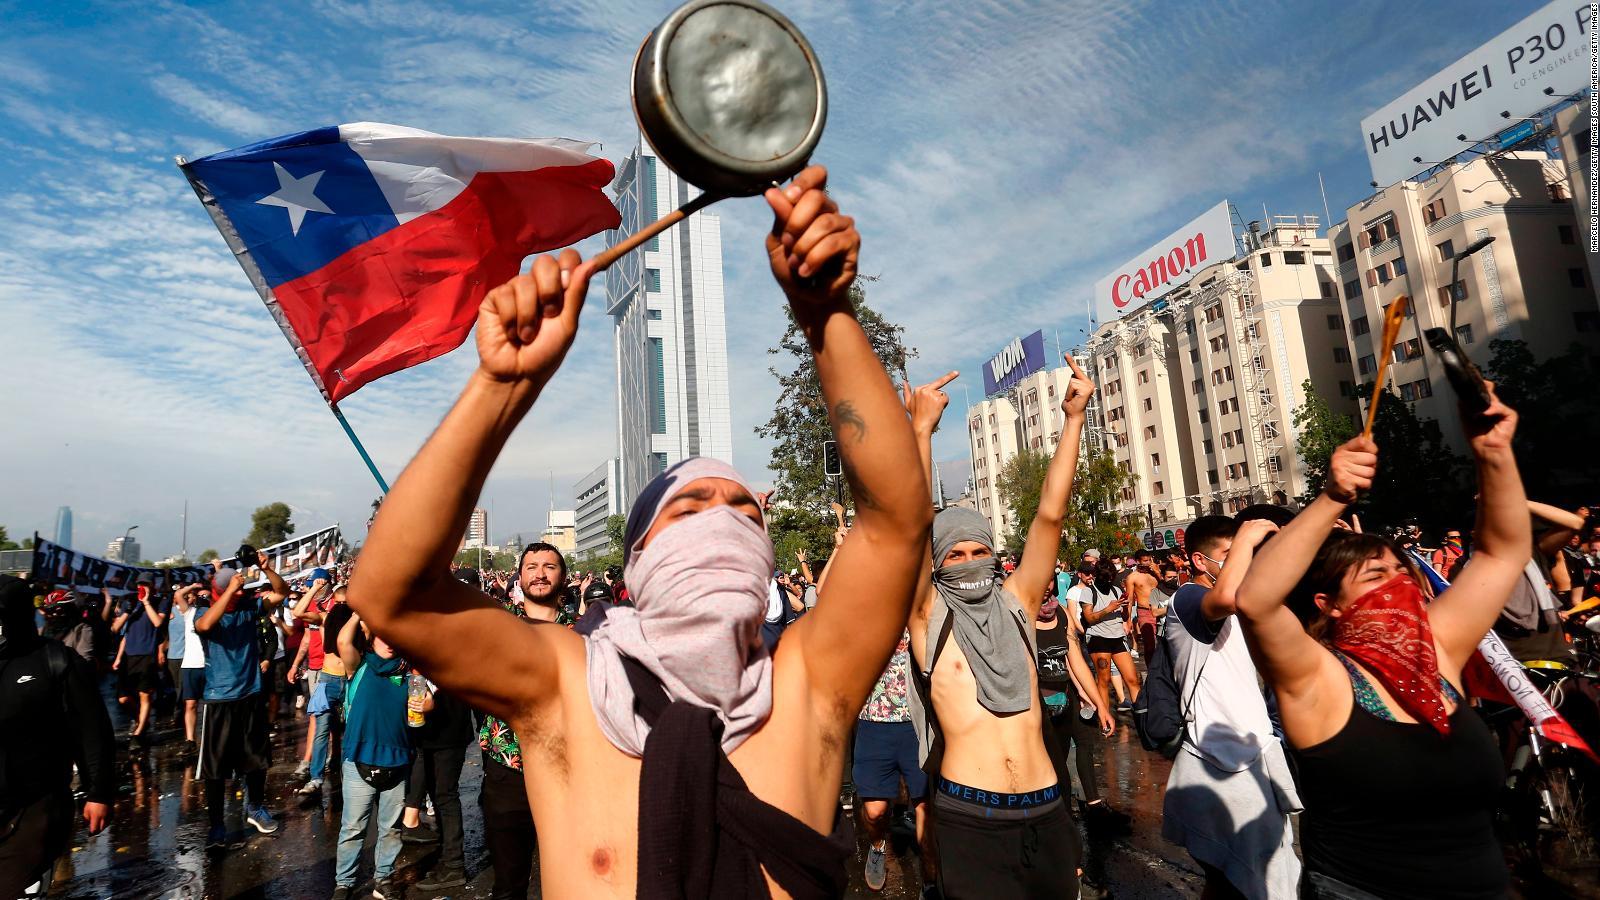 Encuesta revela que mayoría de chilenos apoyan el estallido social de 2019 y esperan que vuelva con más fuerza